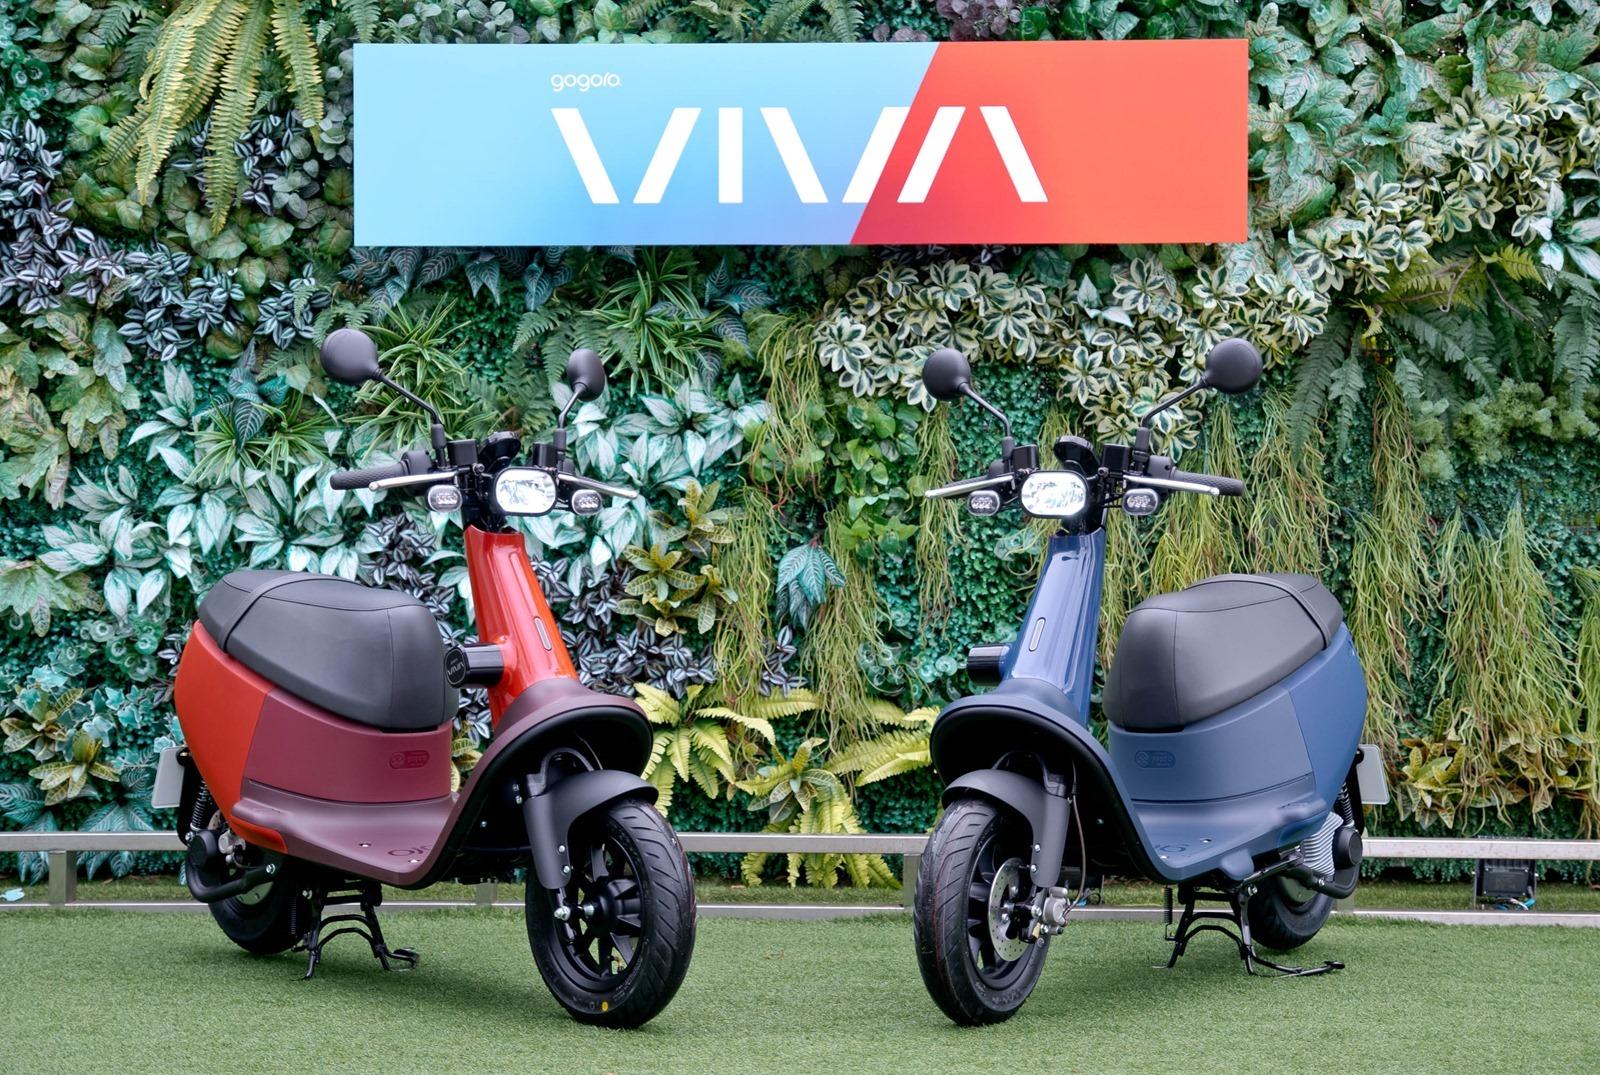 Gogoro 又有新車款啦!Gogoro Viva Plus 推出還有 Viva Lite 限時降價來真的!購車最高送 3,000 購車金 最低三萬元有找 @3C 達人廖阿輝